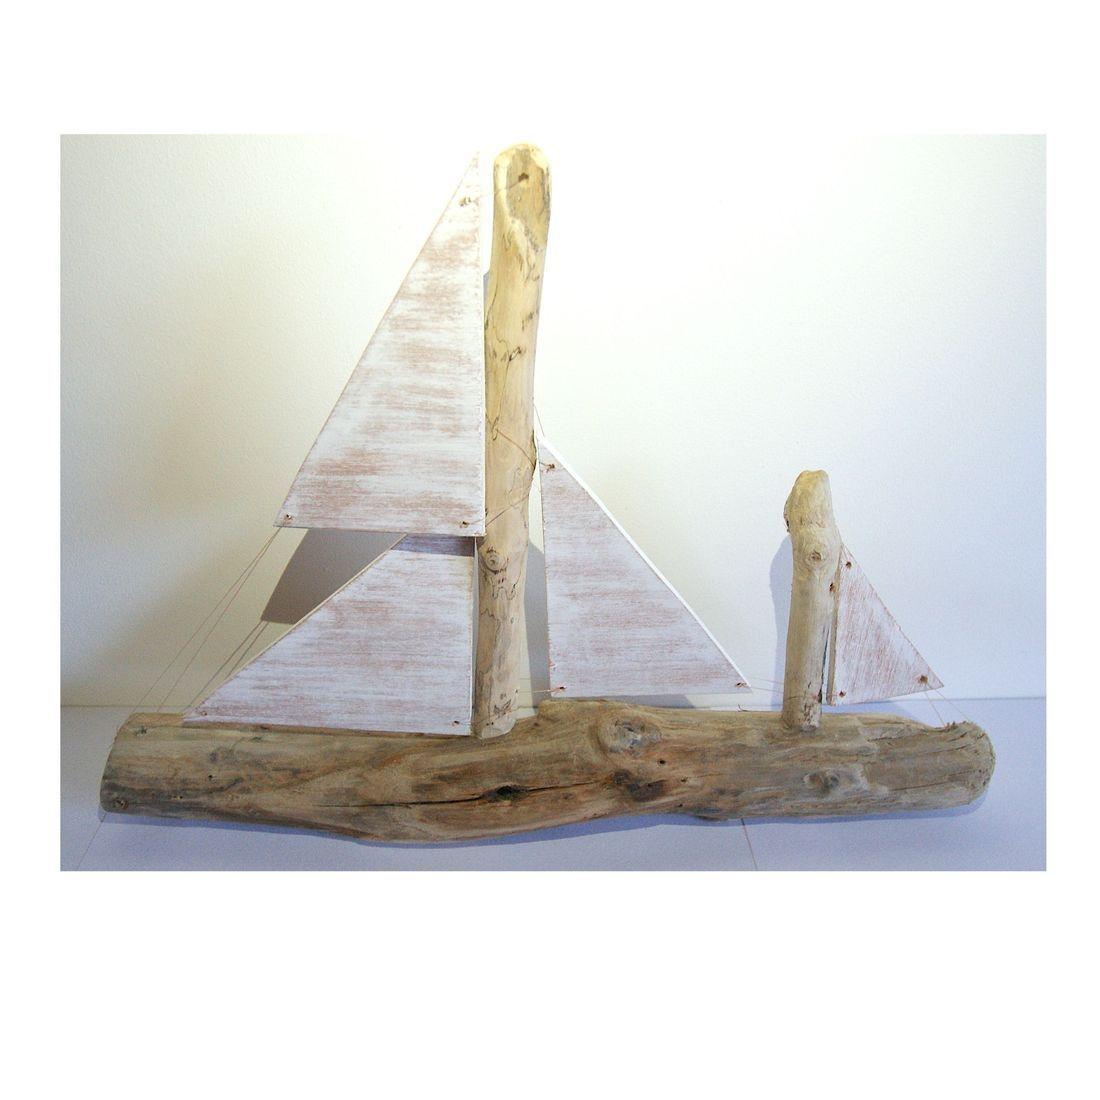 Driftwood boat 5